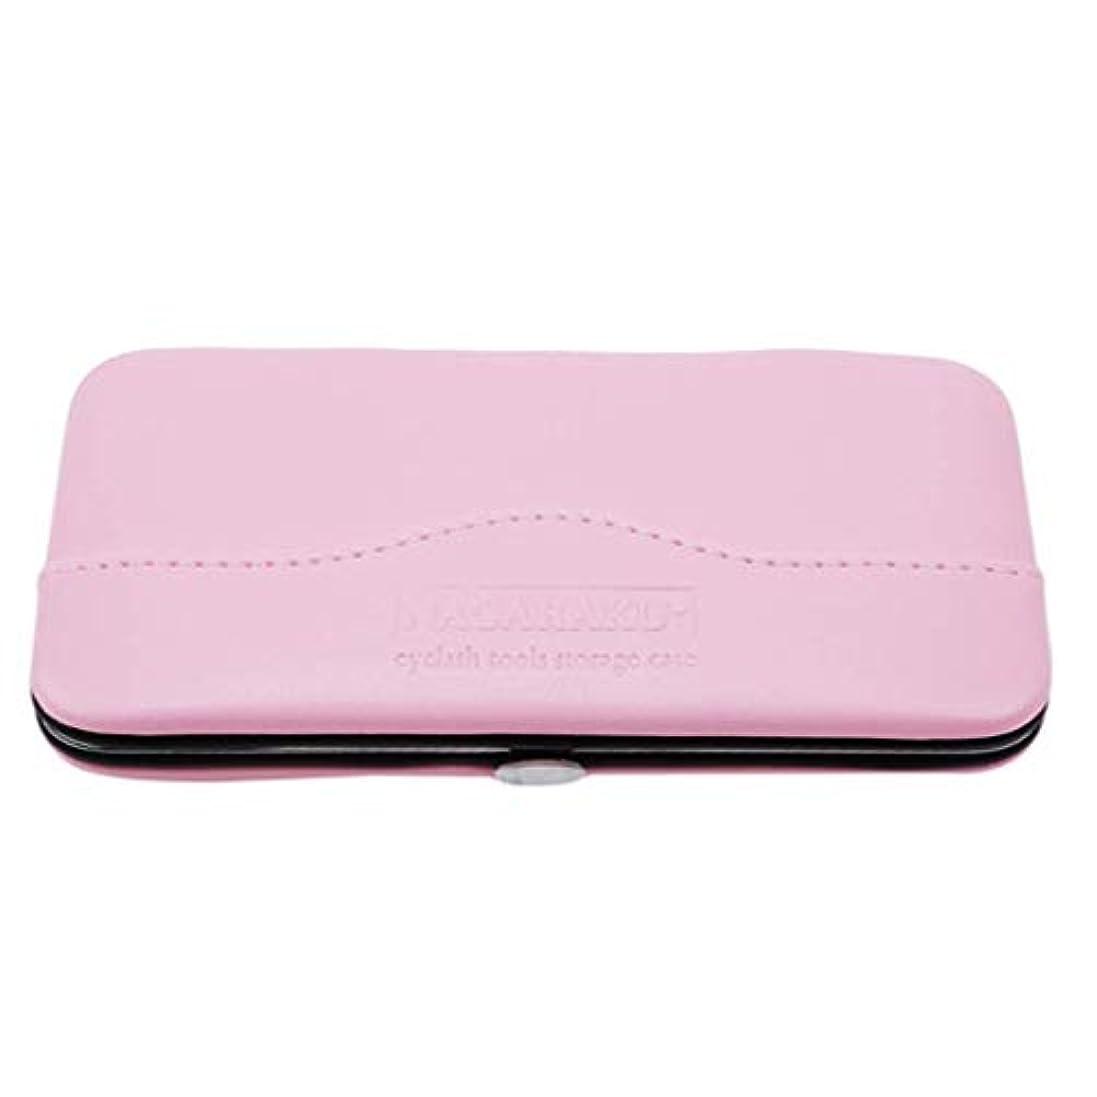 古風なコート最高1st market プレミアム品質1ピース化粧道具バッグ用まつげエクステンションピンセット収納ボックスケース